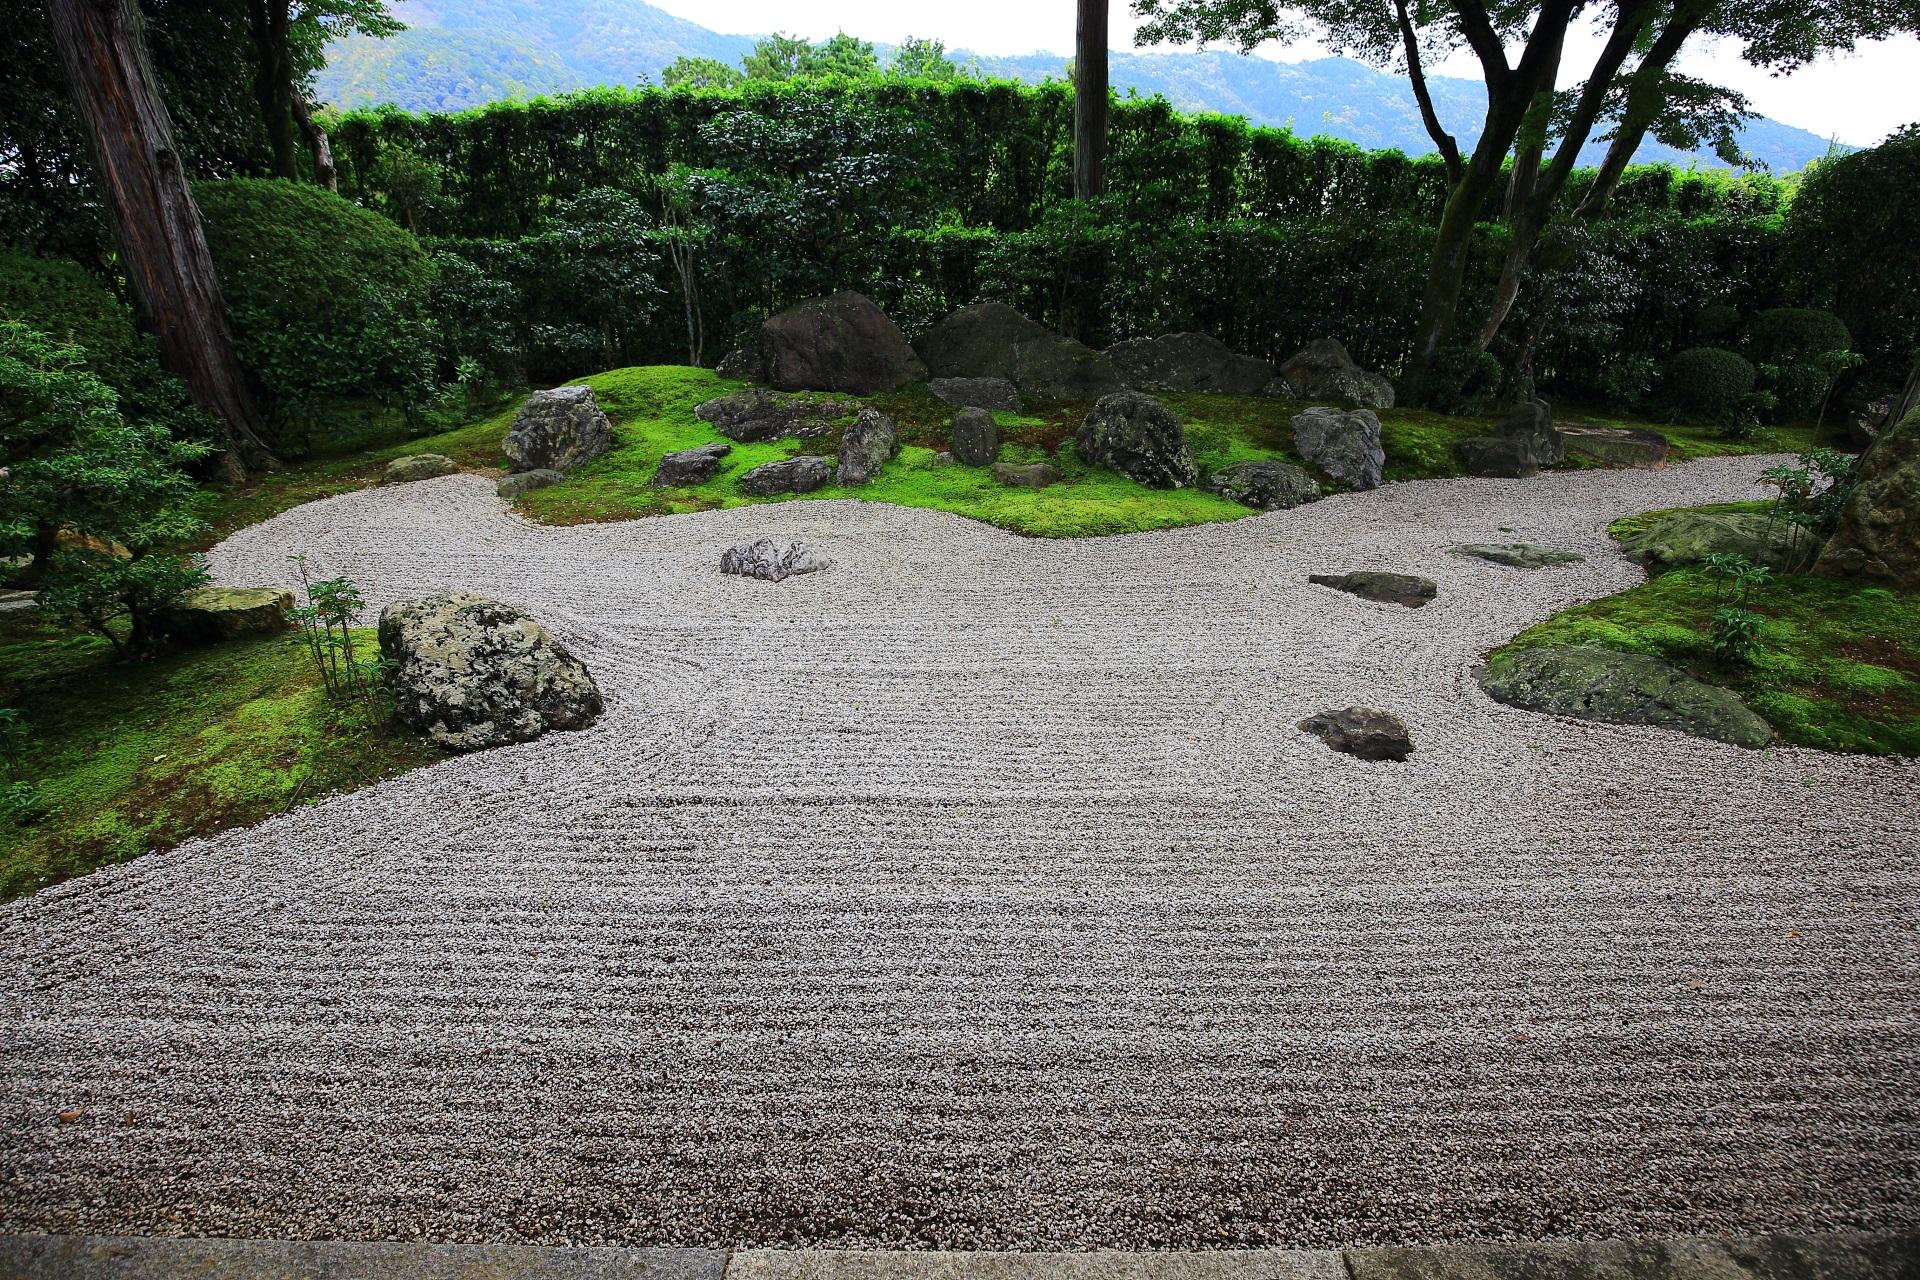 白砂と苔と東山の借景庭園である涅槃の庭